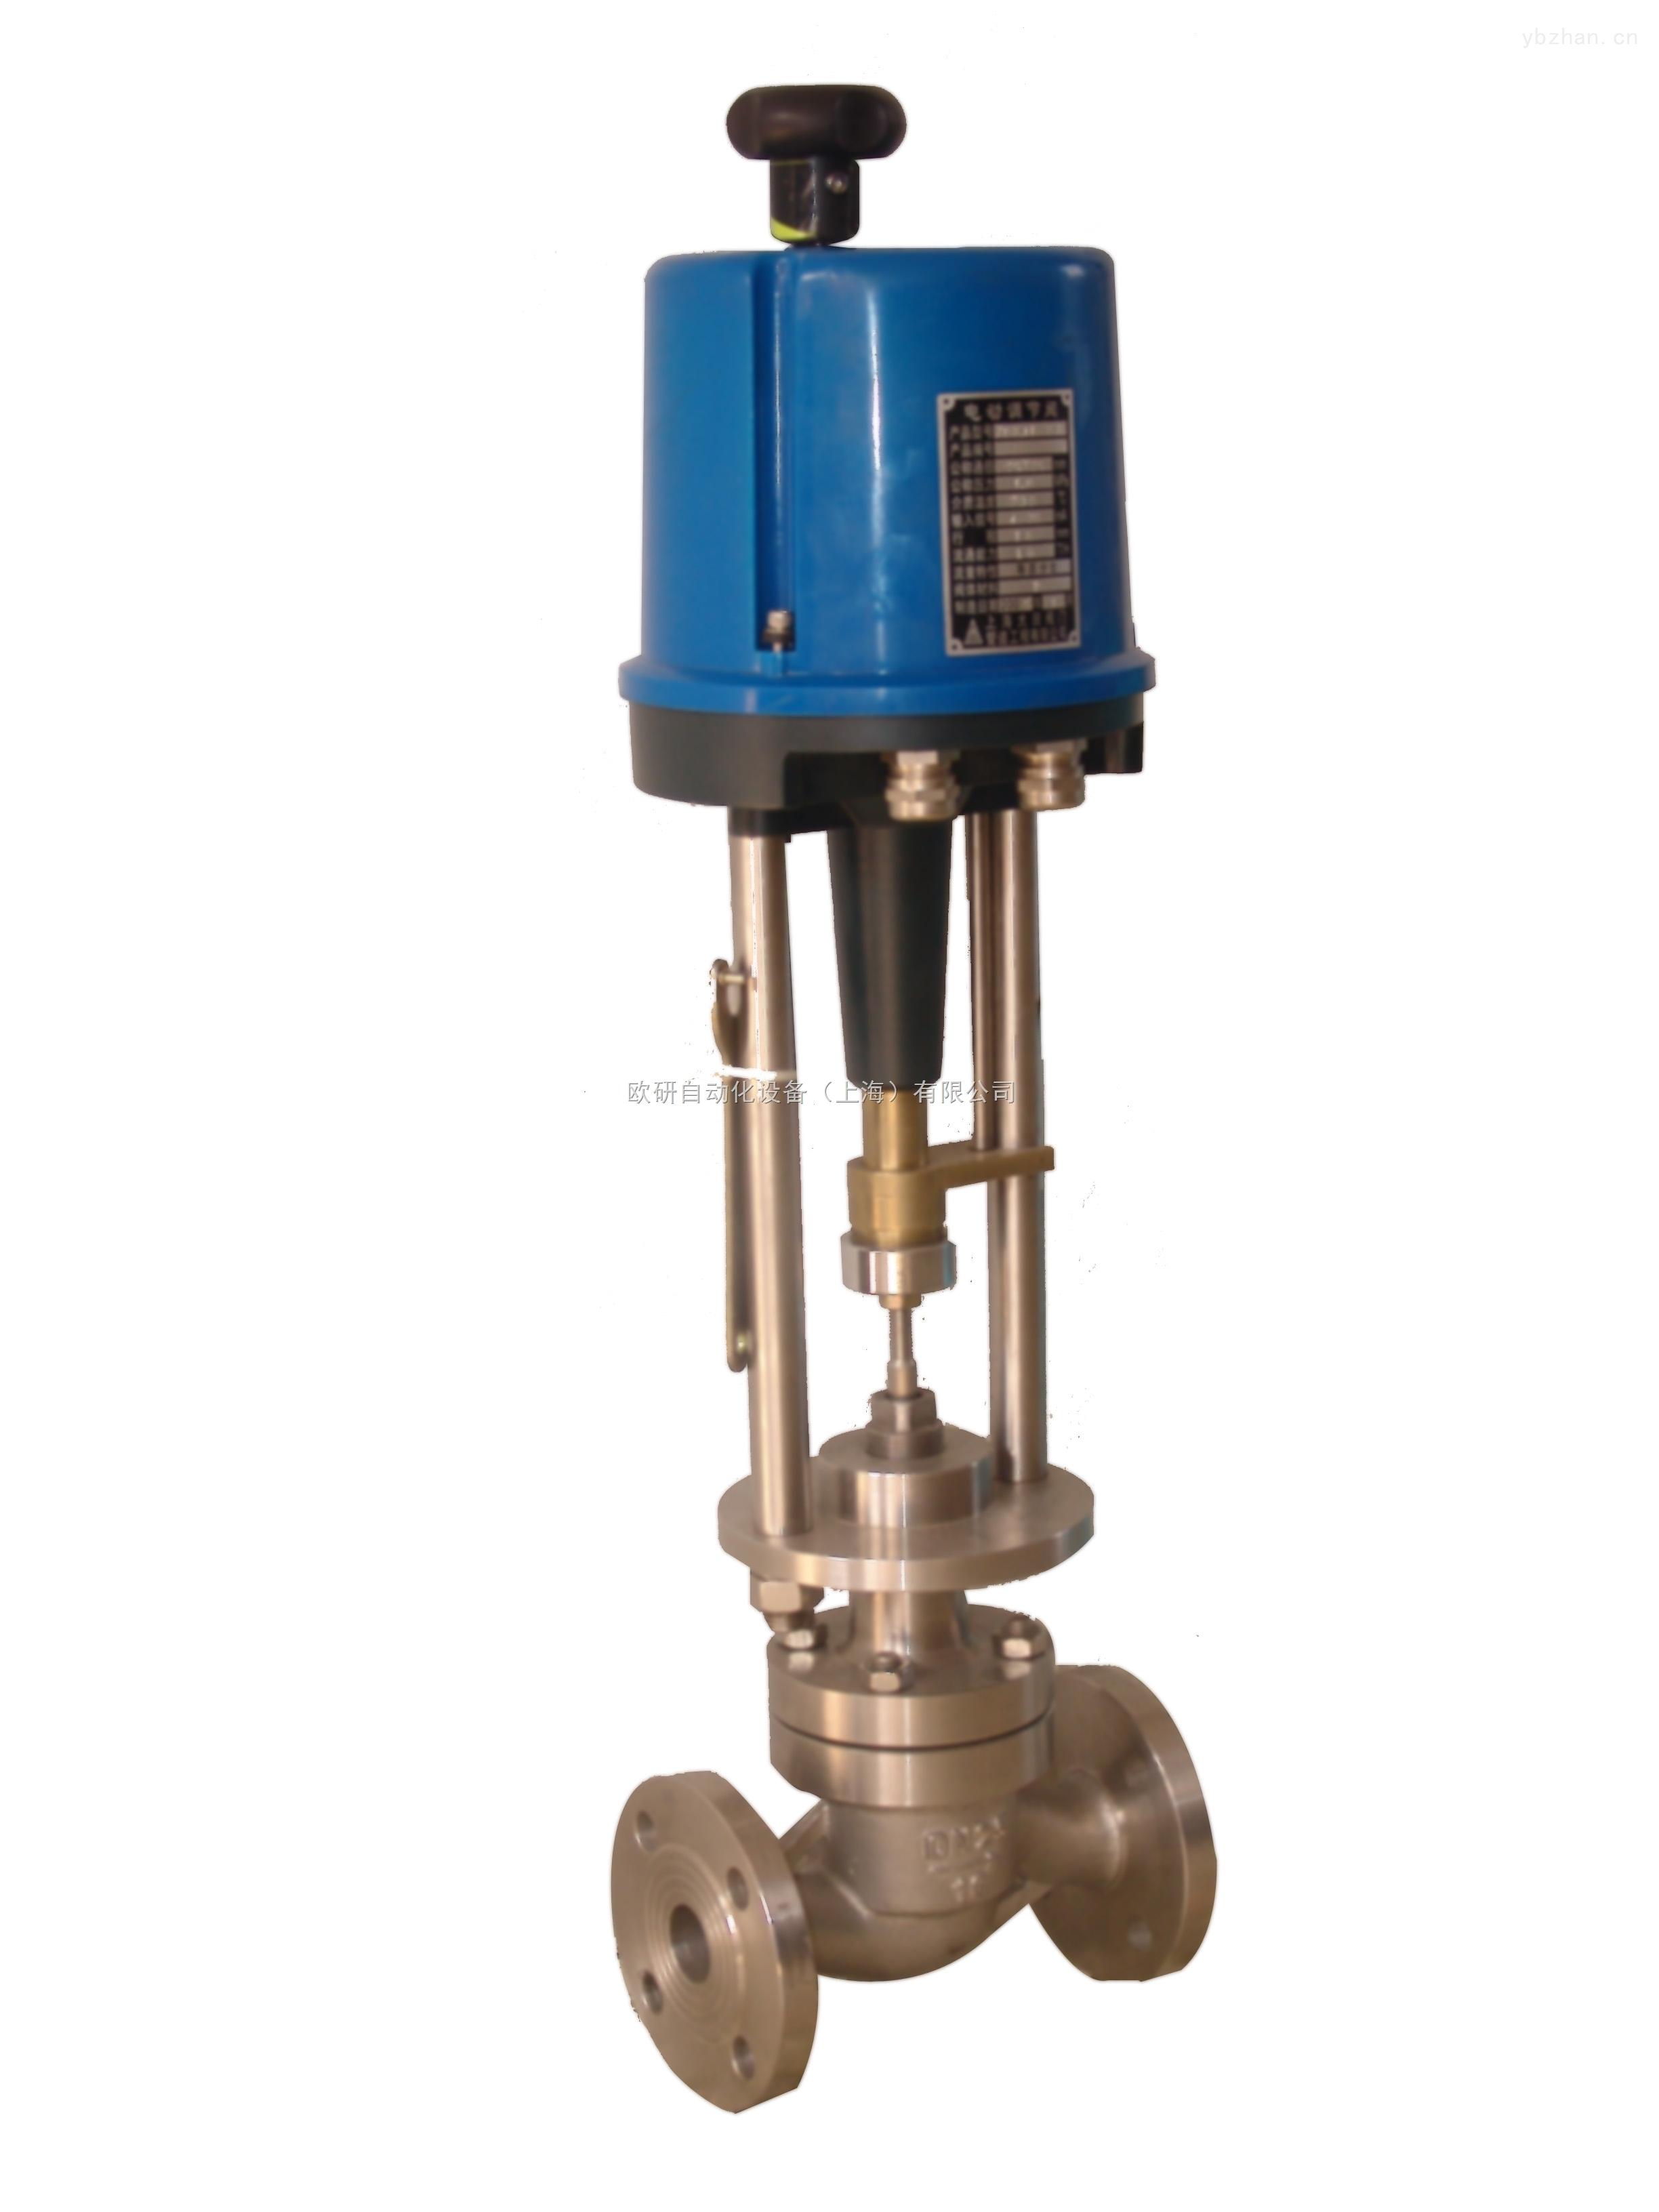 ZAZM-16CP-ZAZM-16CP電動套筒式調節閥